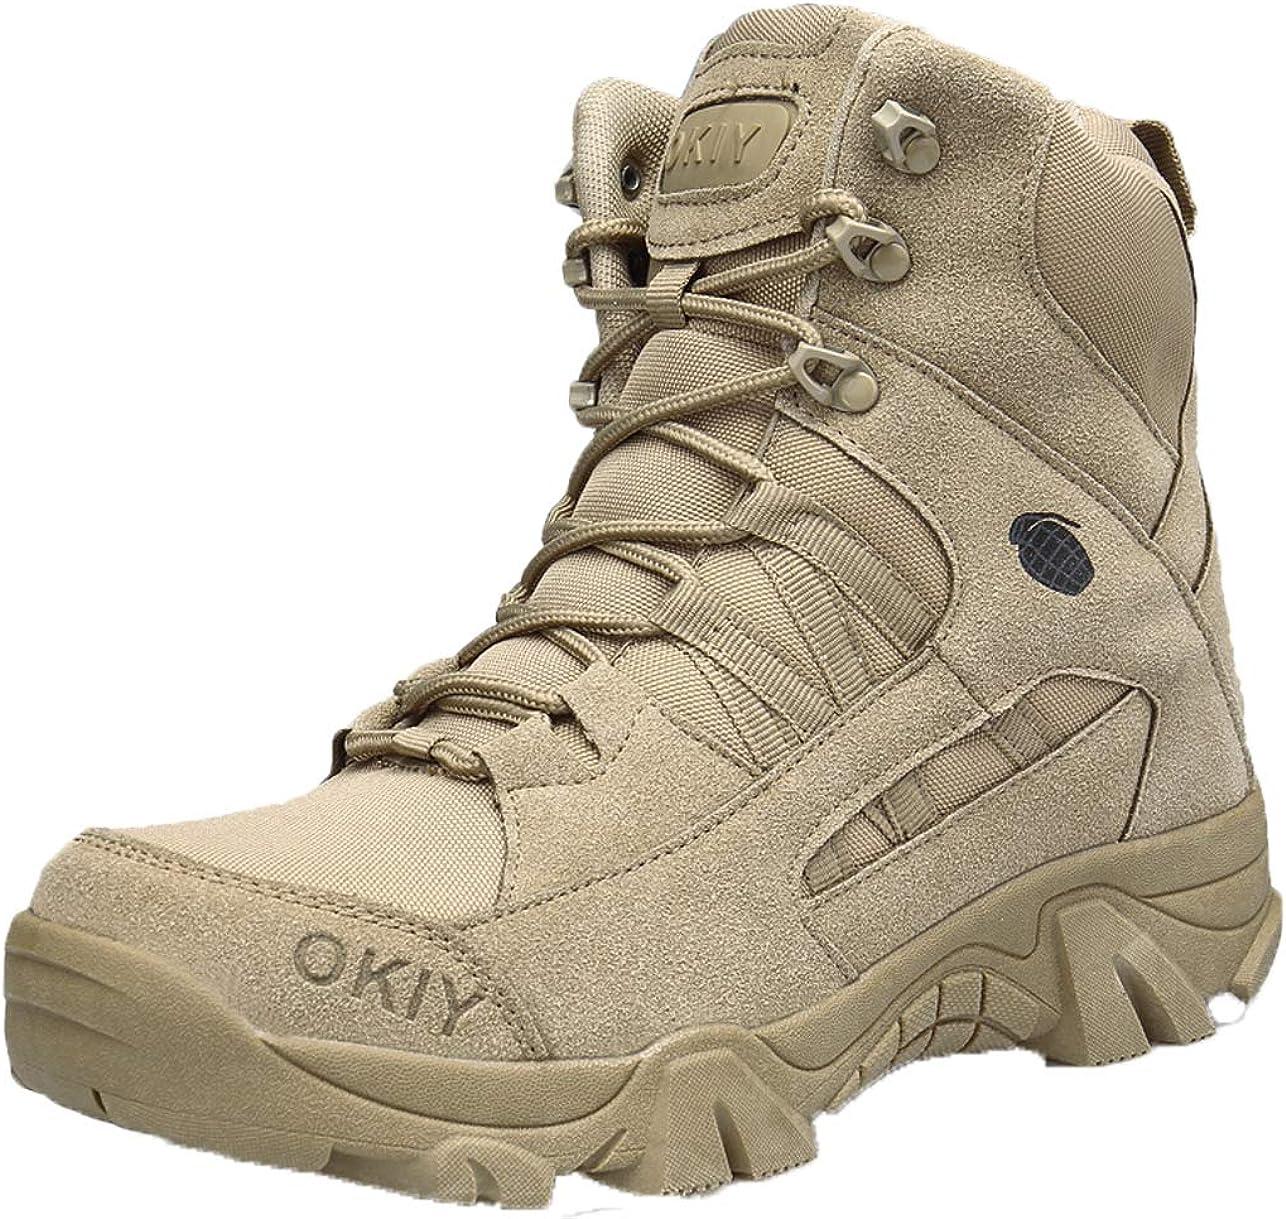 GJRRX Botas de montaña Militares de Cuero Transpirables y Resistentes al Desgaste para Hombres Calzado de Trekking táctico Antideslizante y Resistente al Agua para otoño e Invierno para Hombre 39-44